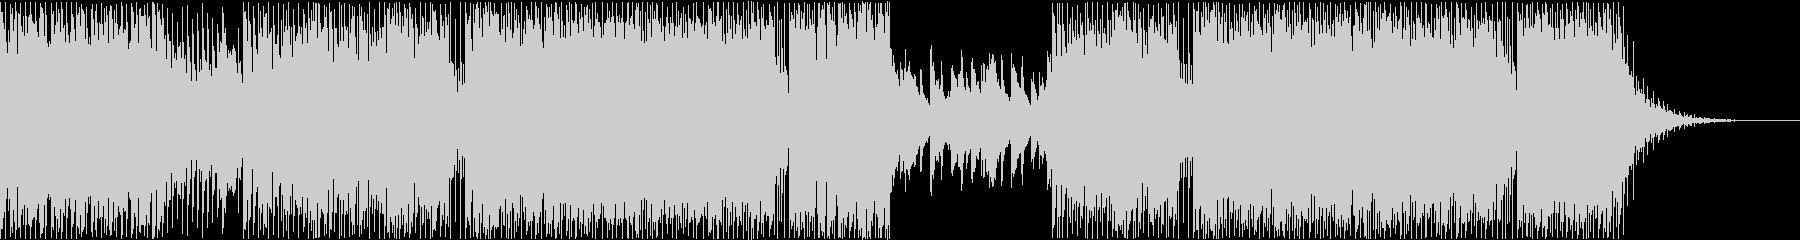 キラキラ/夜景/ギター/シティーポップの未再生の波形